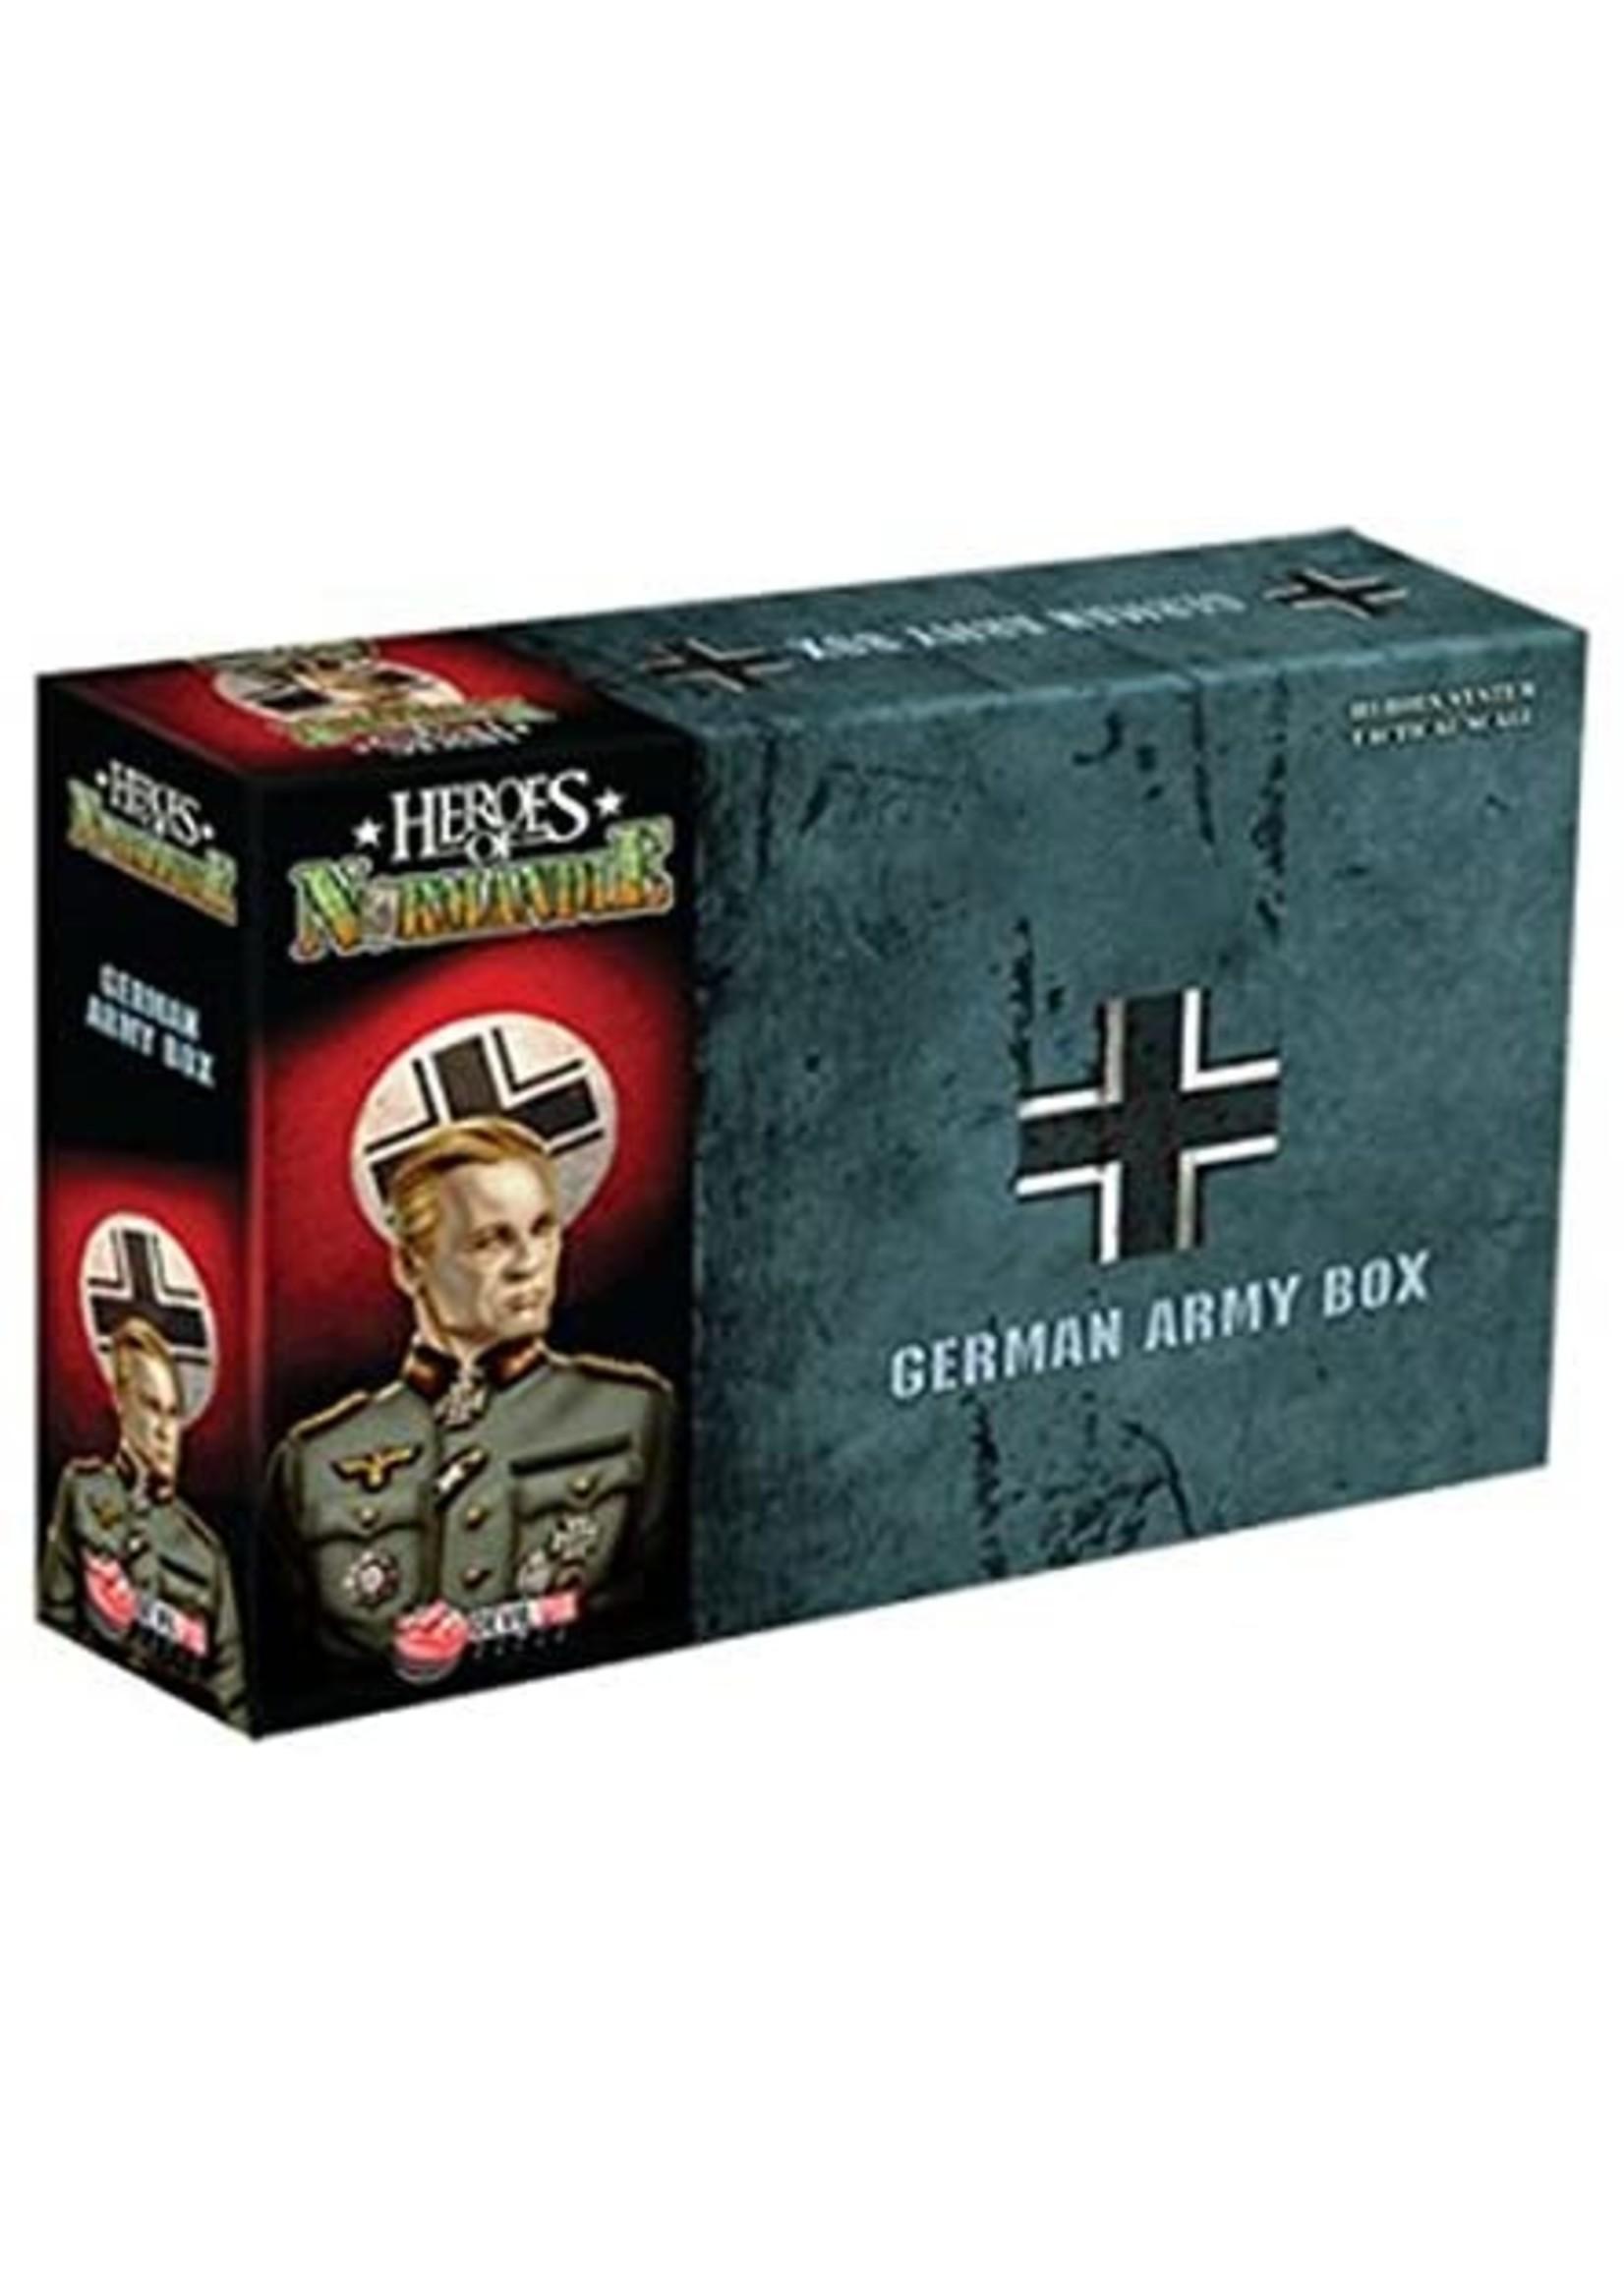 Heroes of Normandie: Army Box GE DPG